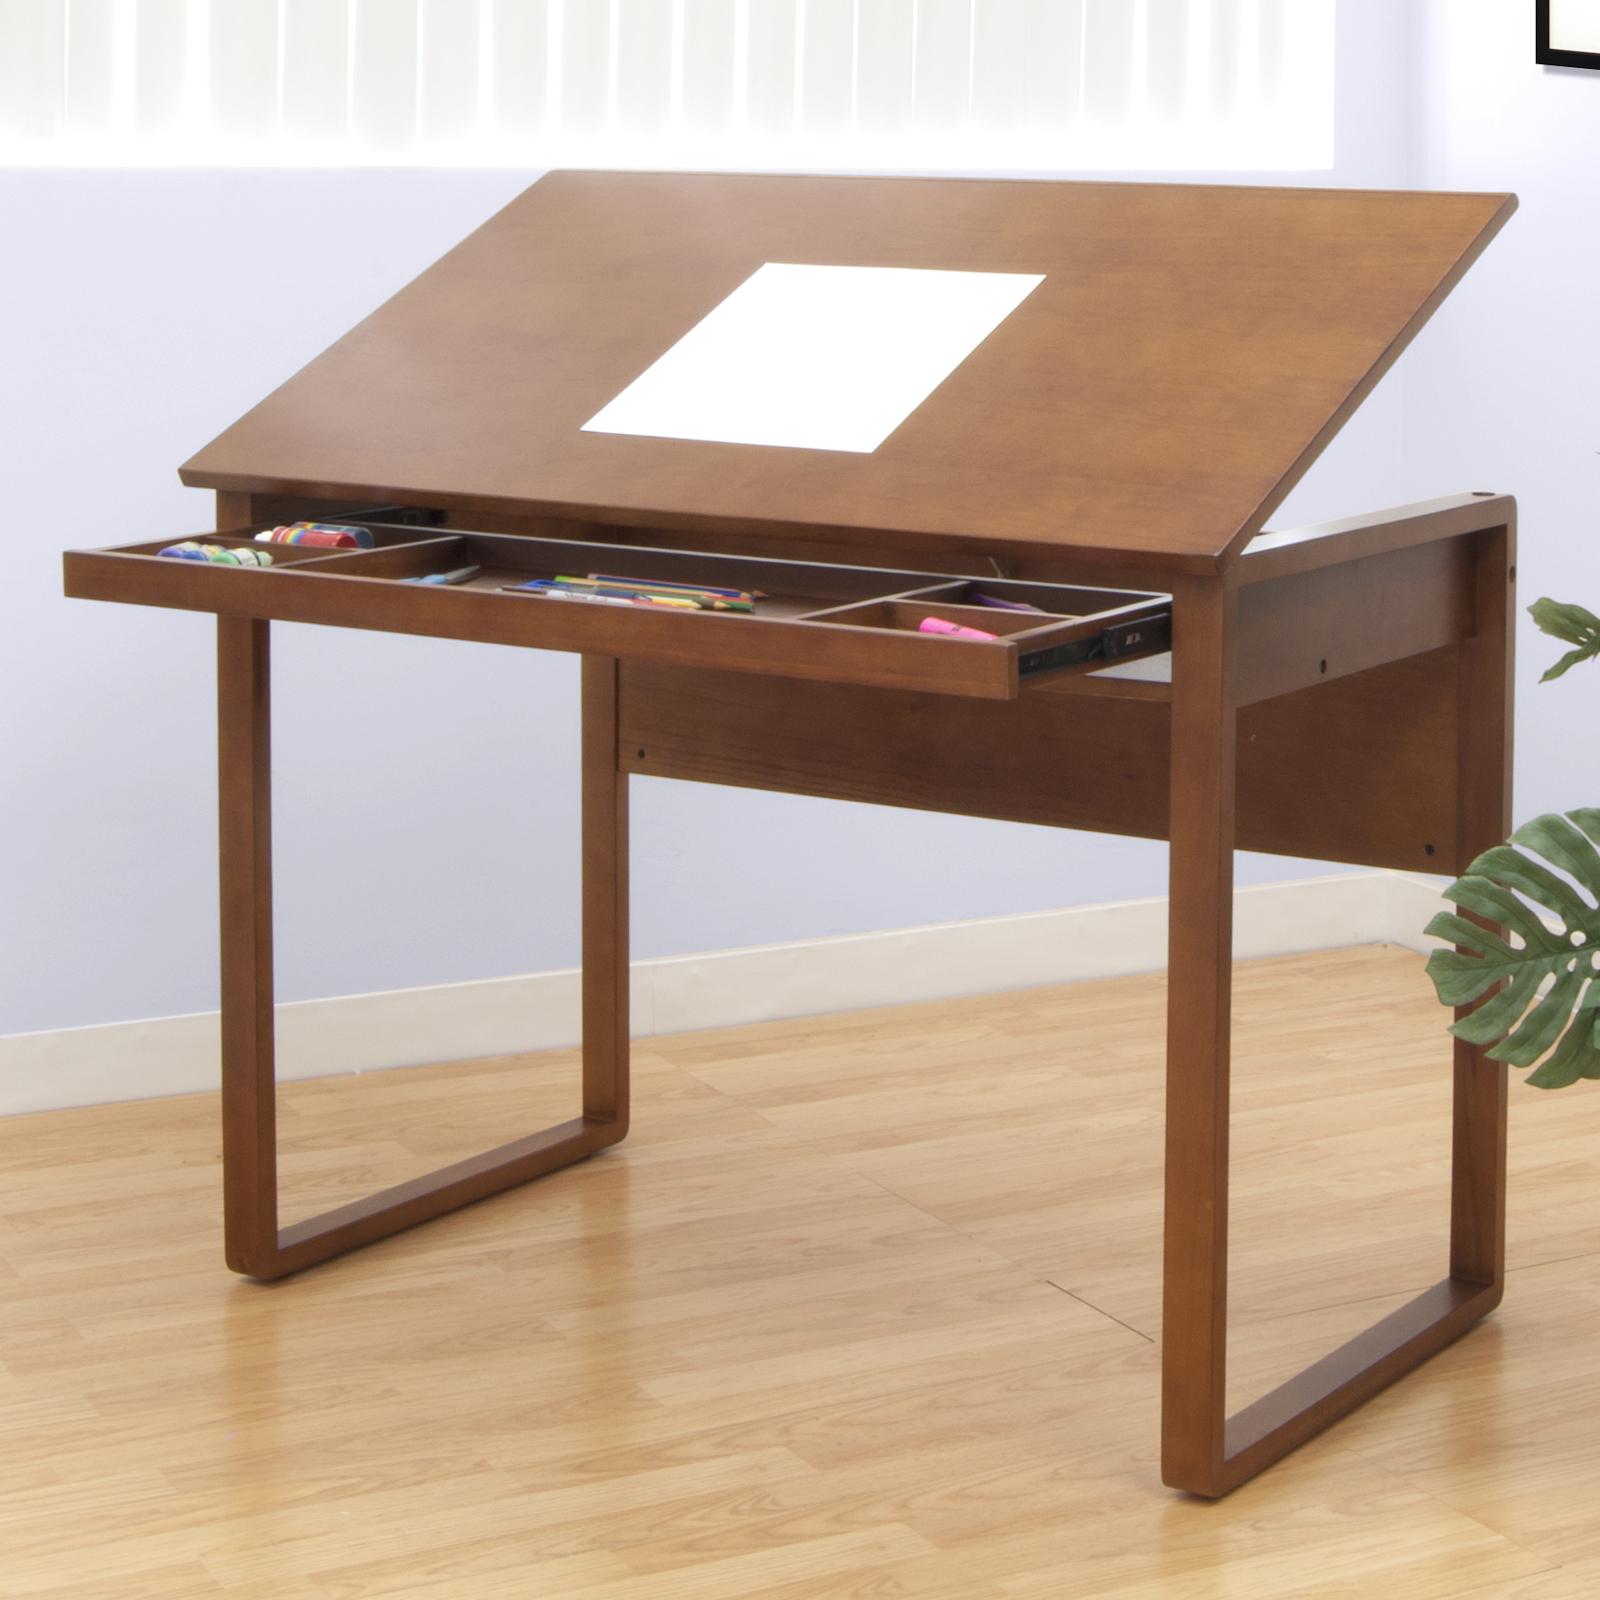 Ponderosa Wooden Drafting Table by Studio Designs in Kids